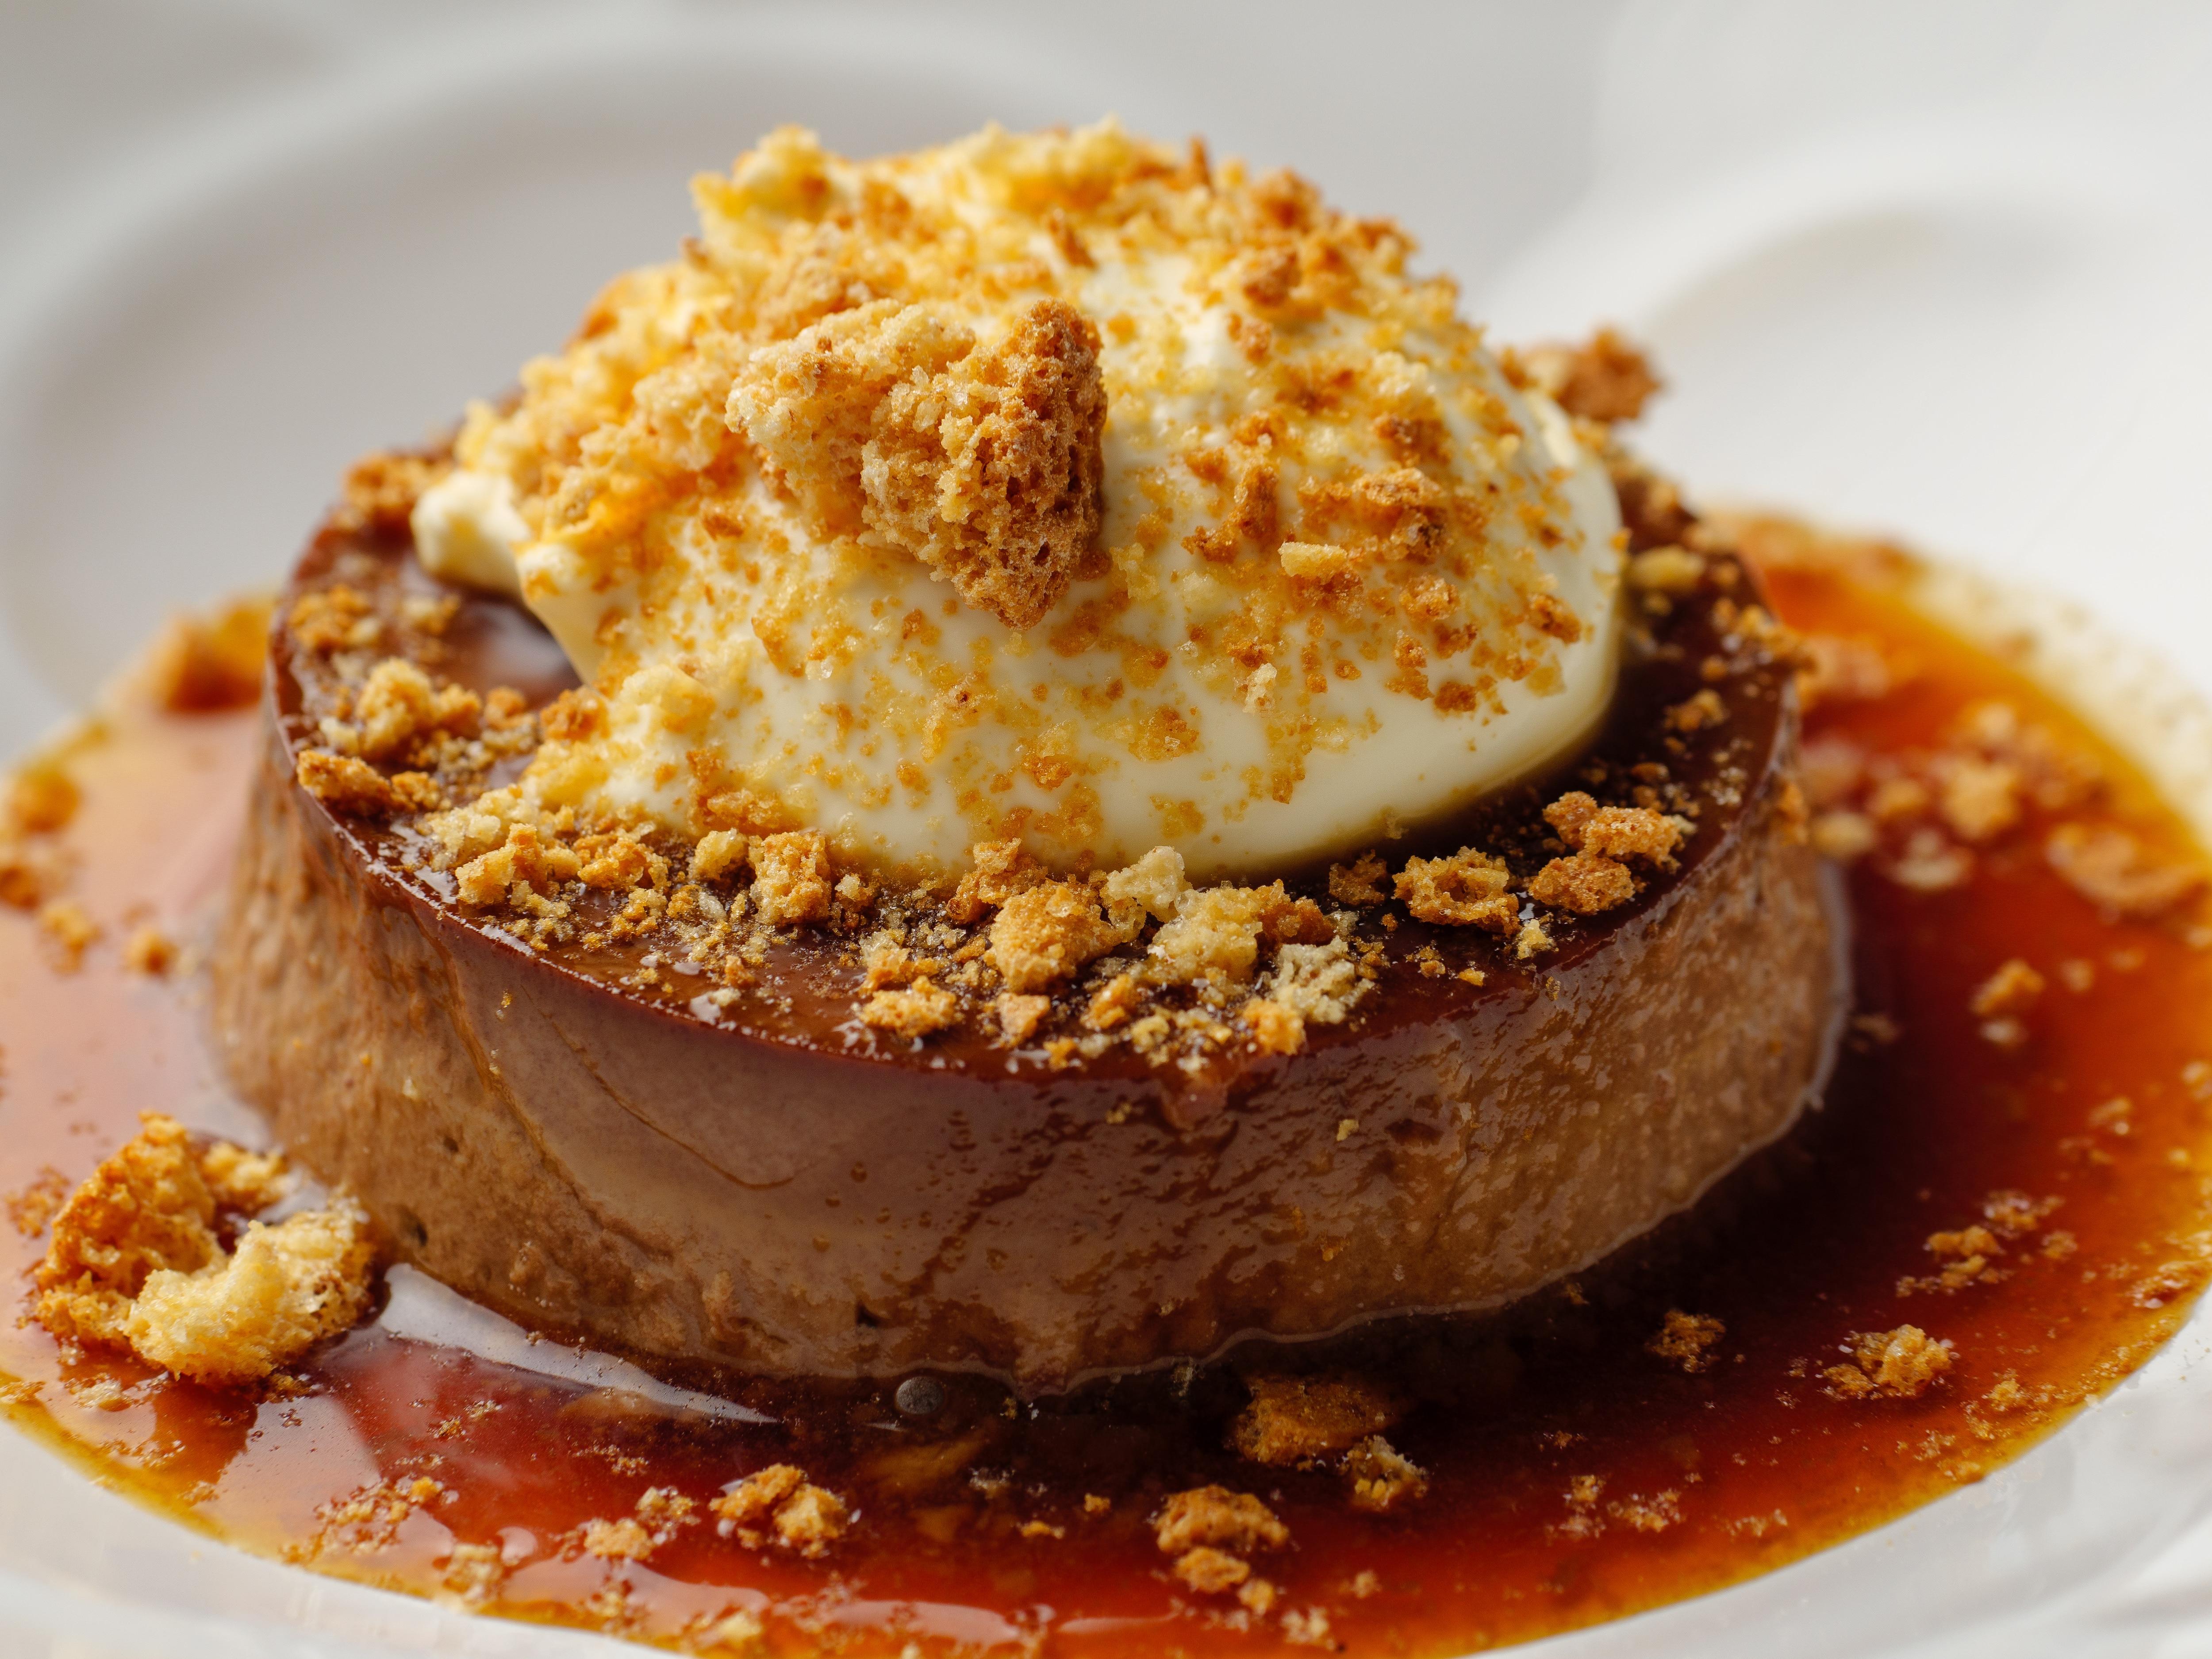 Bonet (Chocolate Creme Caramel)